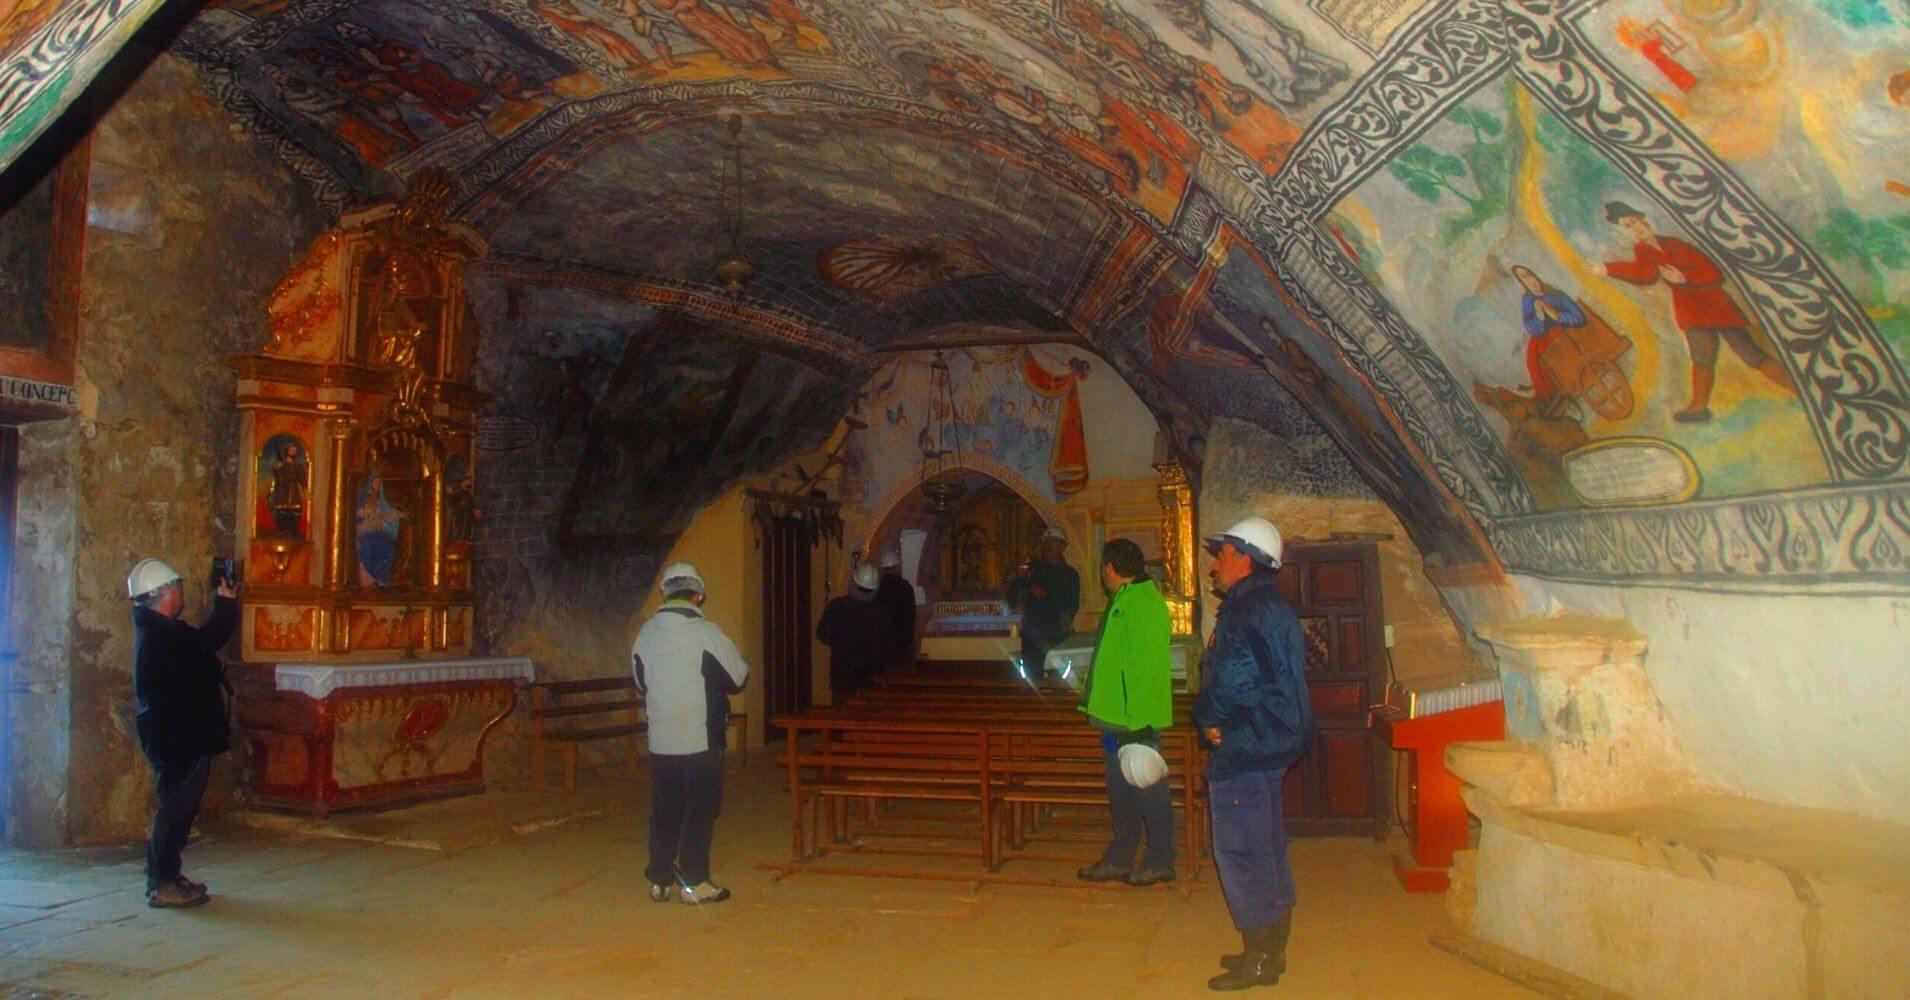 Cueva Ermita de San Bernabé. Sotoscueva, Las Merindades. Burgos. Castilla y León.